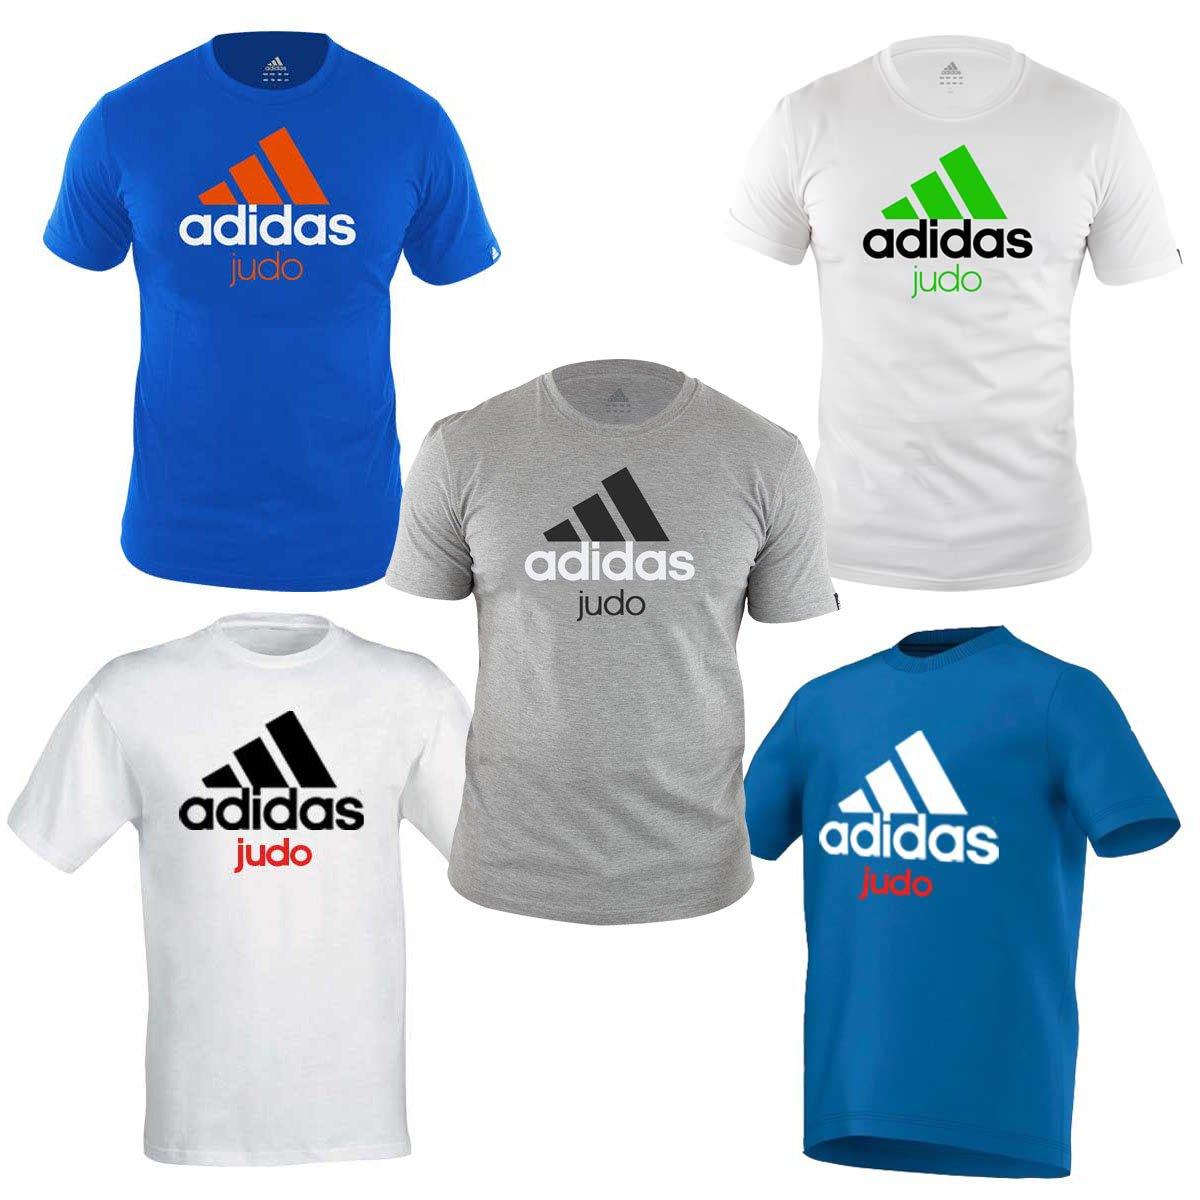 amp; Sports Amazon Shirt T uk Adidas co Judo Outdoors qZ6Zt0